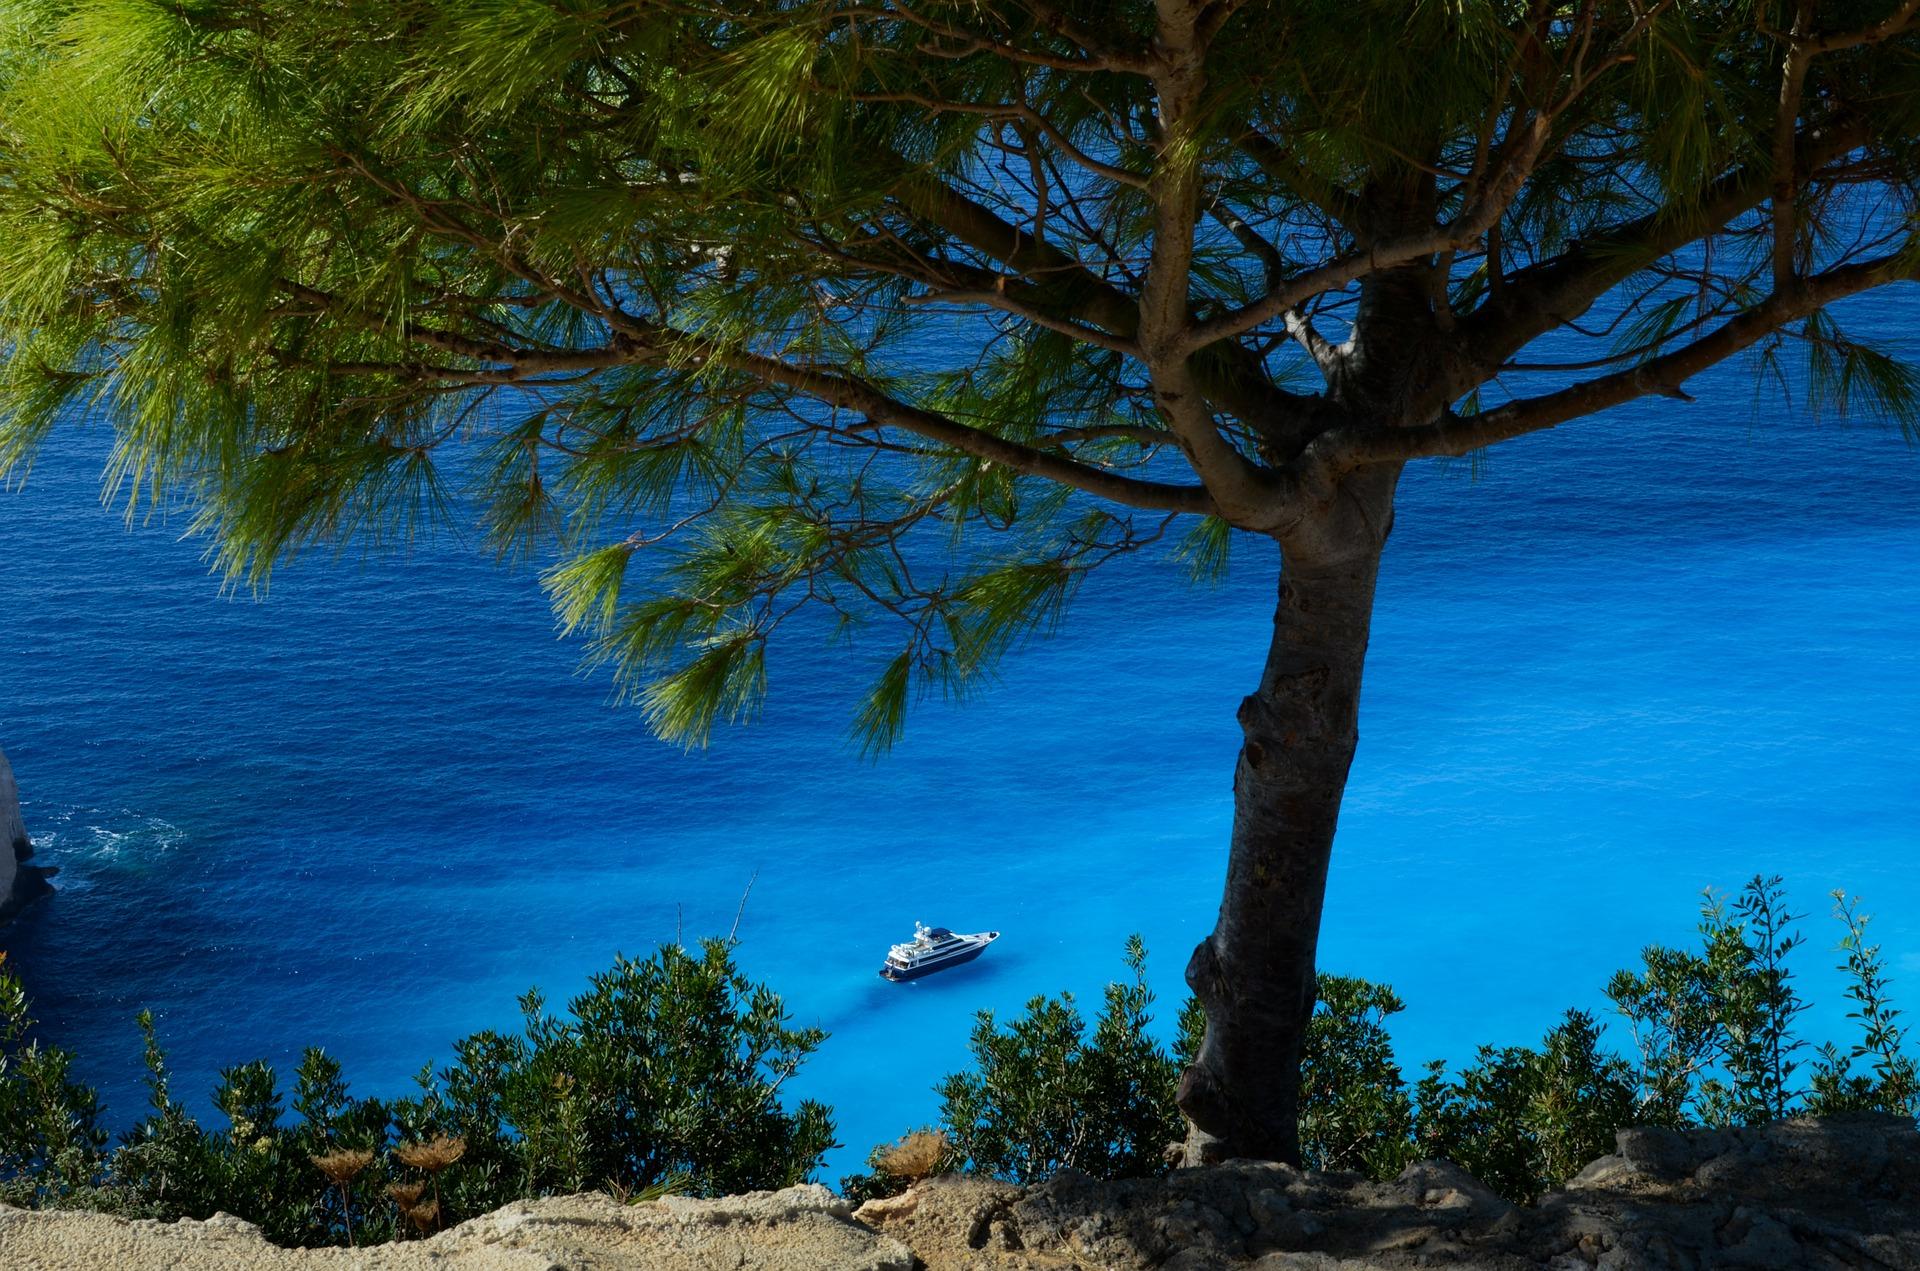 Yacht in the mediterranean photo